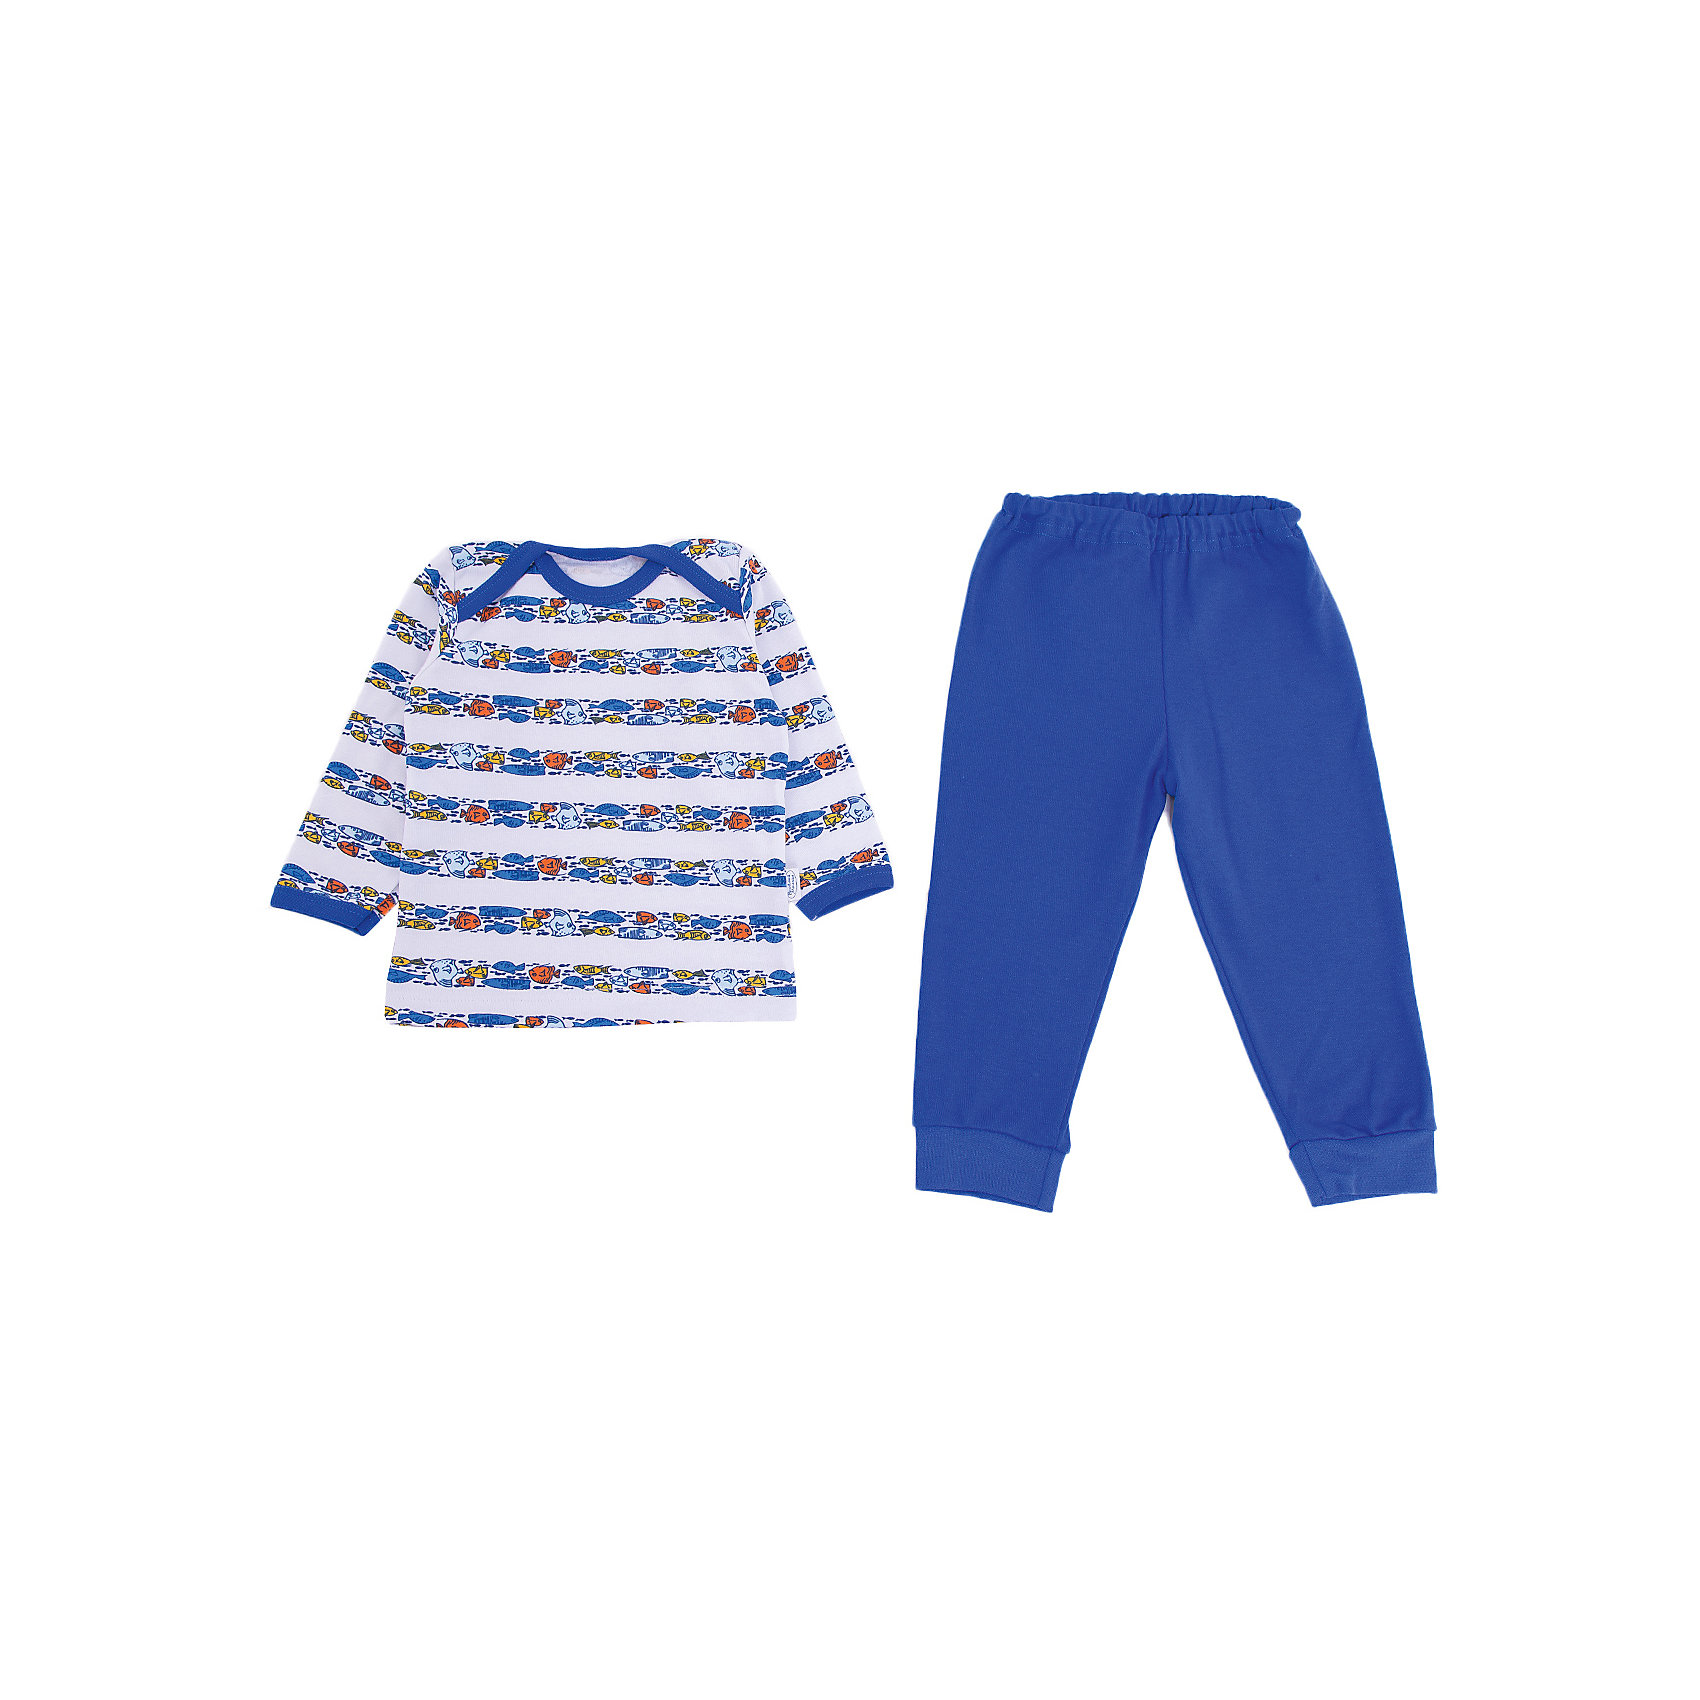 Пижама Веселый малыш для мальчикаПижамы<br>Пижама Веселый малыш для мальчика<br>Пижама Морская жизнь из качественного натурального полотна (интерлок пенье).<br>Состав:<br>100%хлопок<br><br>Ширина мм: 281<br>Глубина мм: 70<br>Высота мм: 188<br>Вес г: 295<br>Цвет: синий<br>Возраст от месяцев: 12<br>Возраст до месяцев: 18<br>Пол: Мужской<br>Возраст: Детский<br>Размер: 86,68,74,80<br>SKU: 7053408